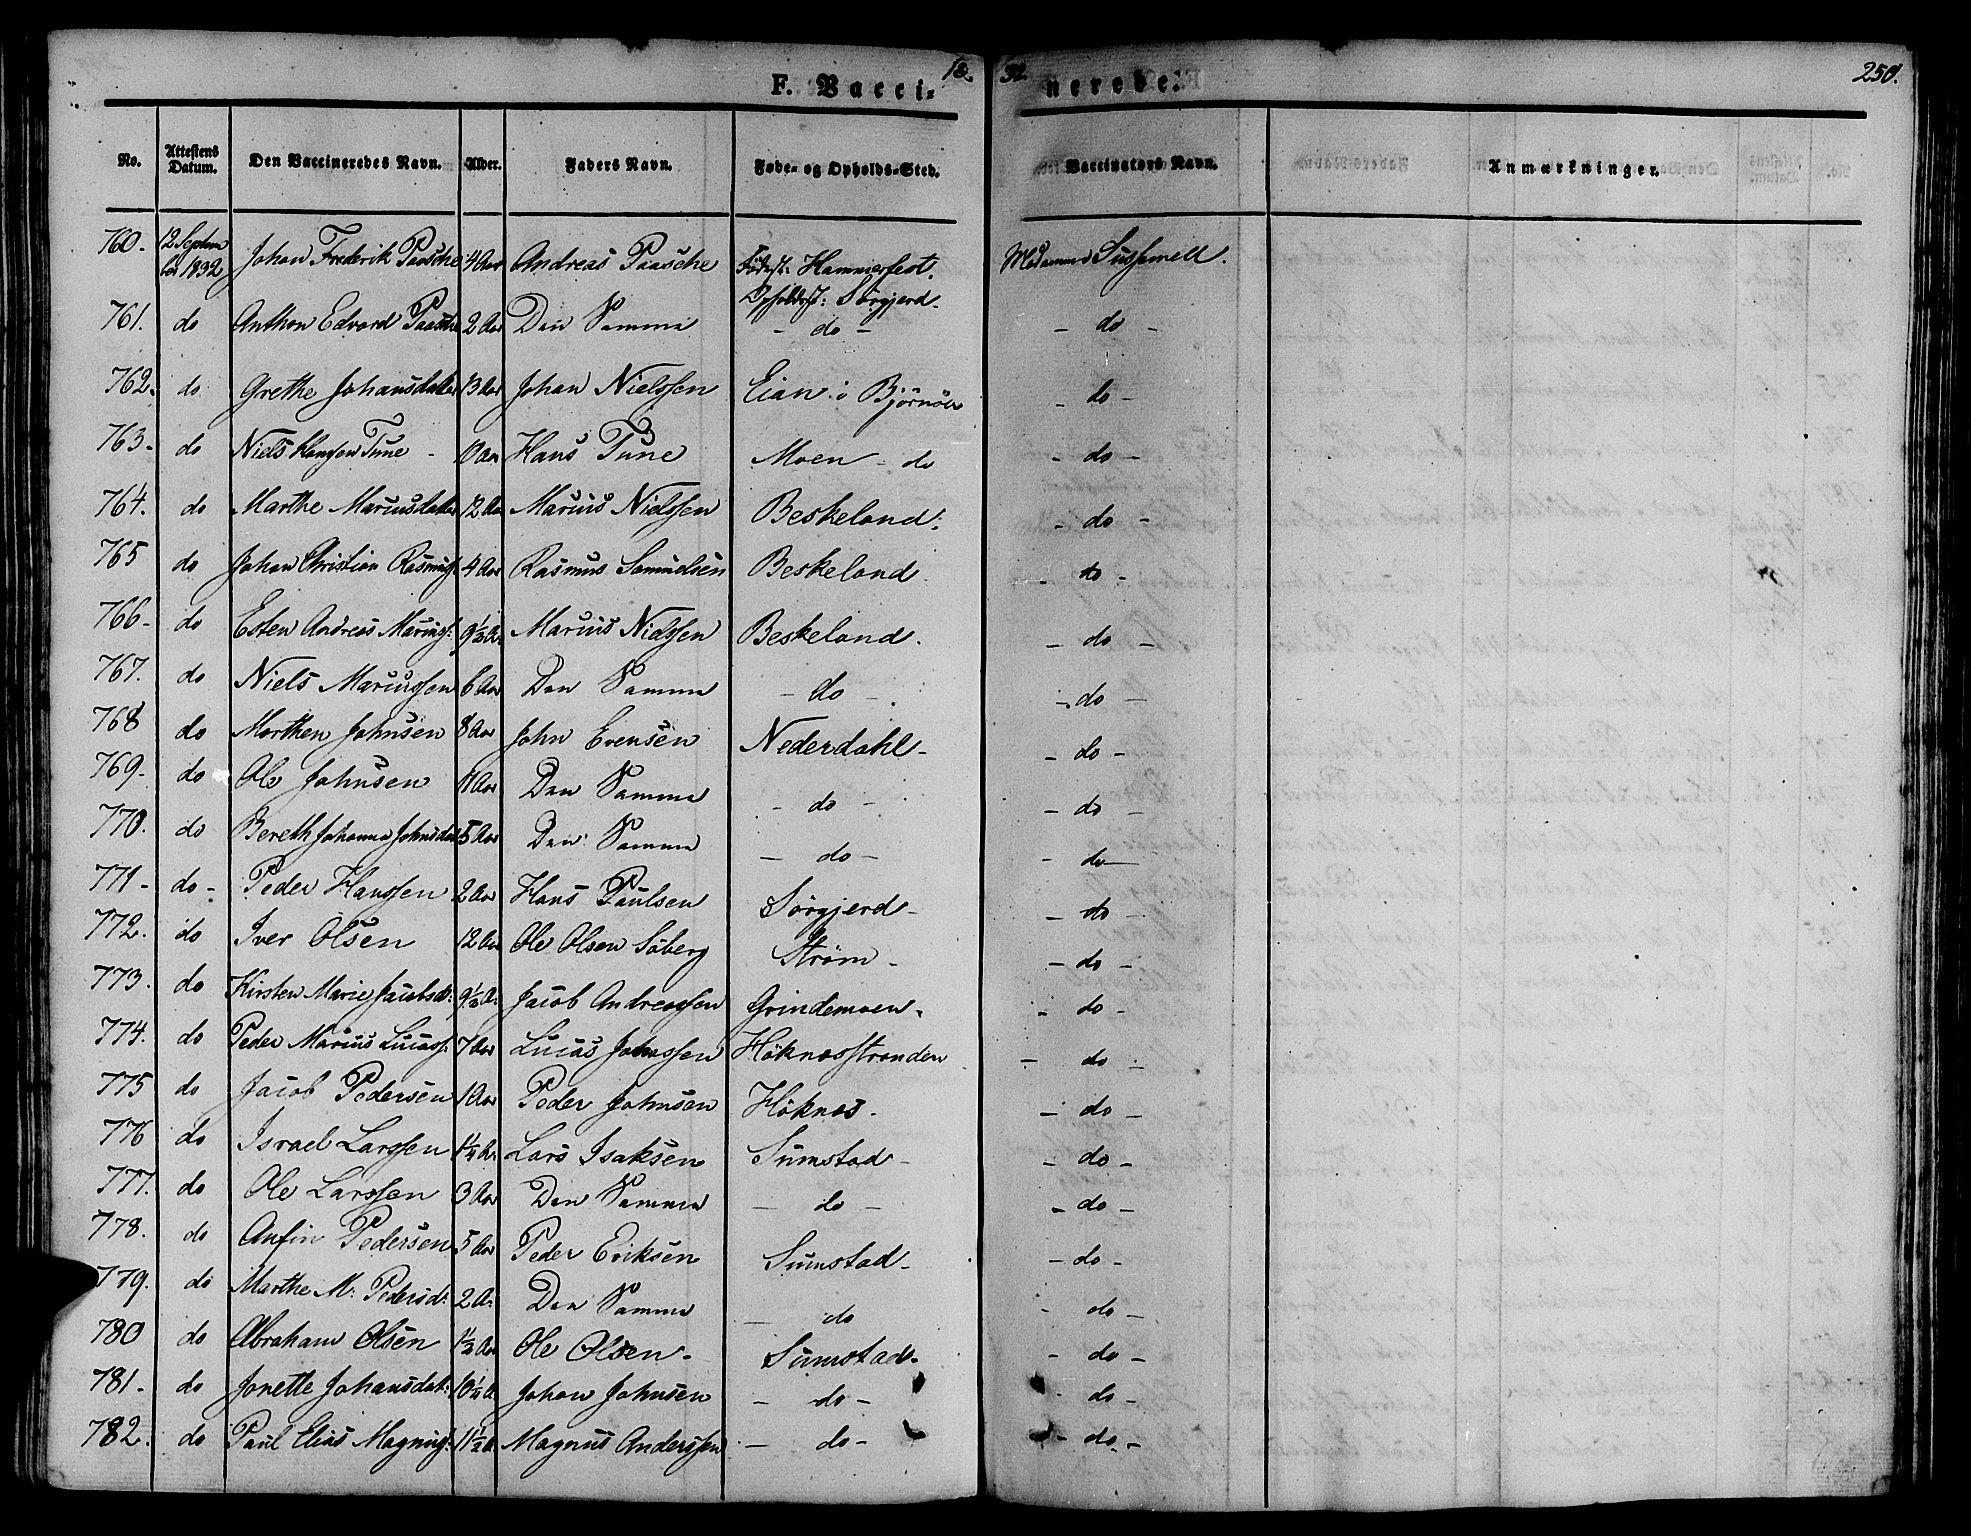 SAT, Ministerialprotokoller, klokkerbøker og fødselsregistre - Sør-Trøndelag, 657/L0703: Ministerialbok nr. 657A04, 1831-1846, s. 250